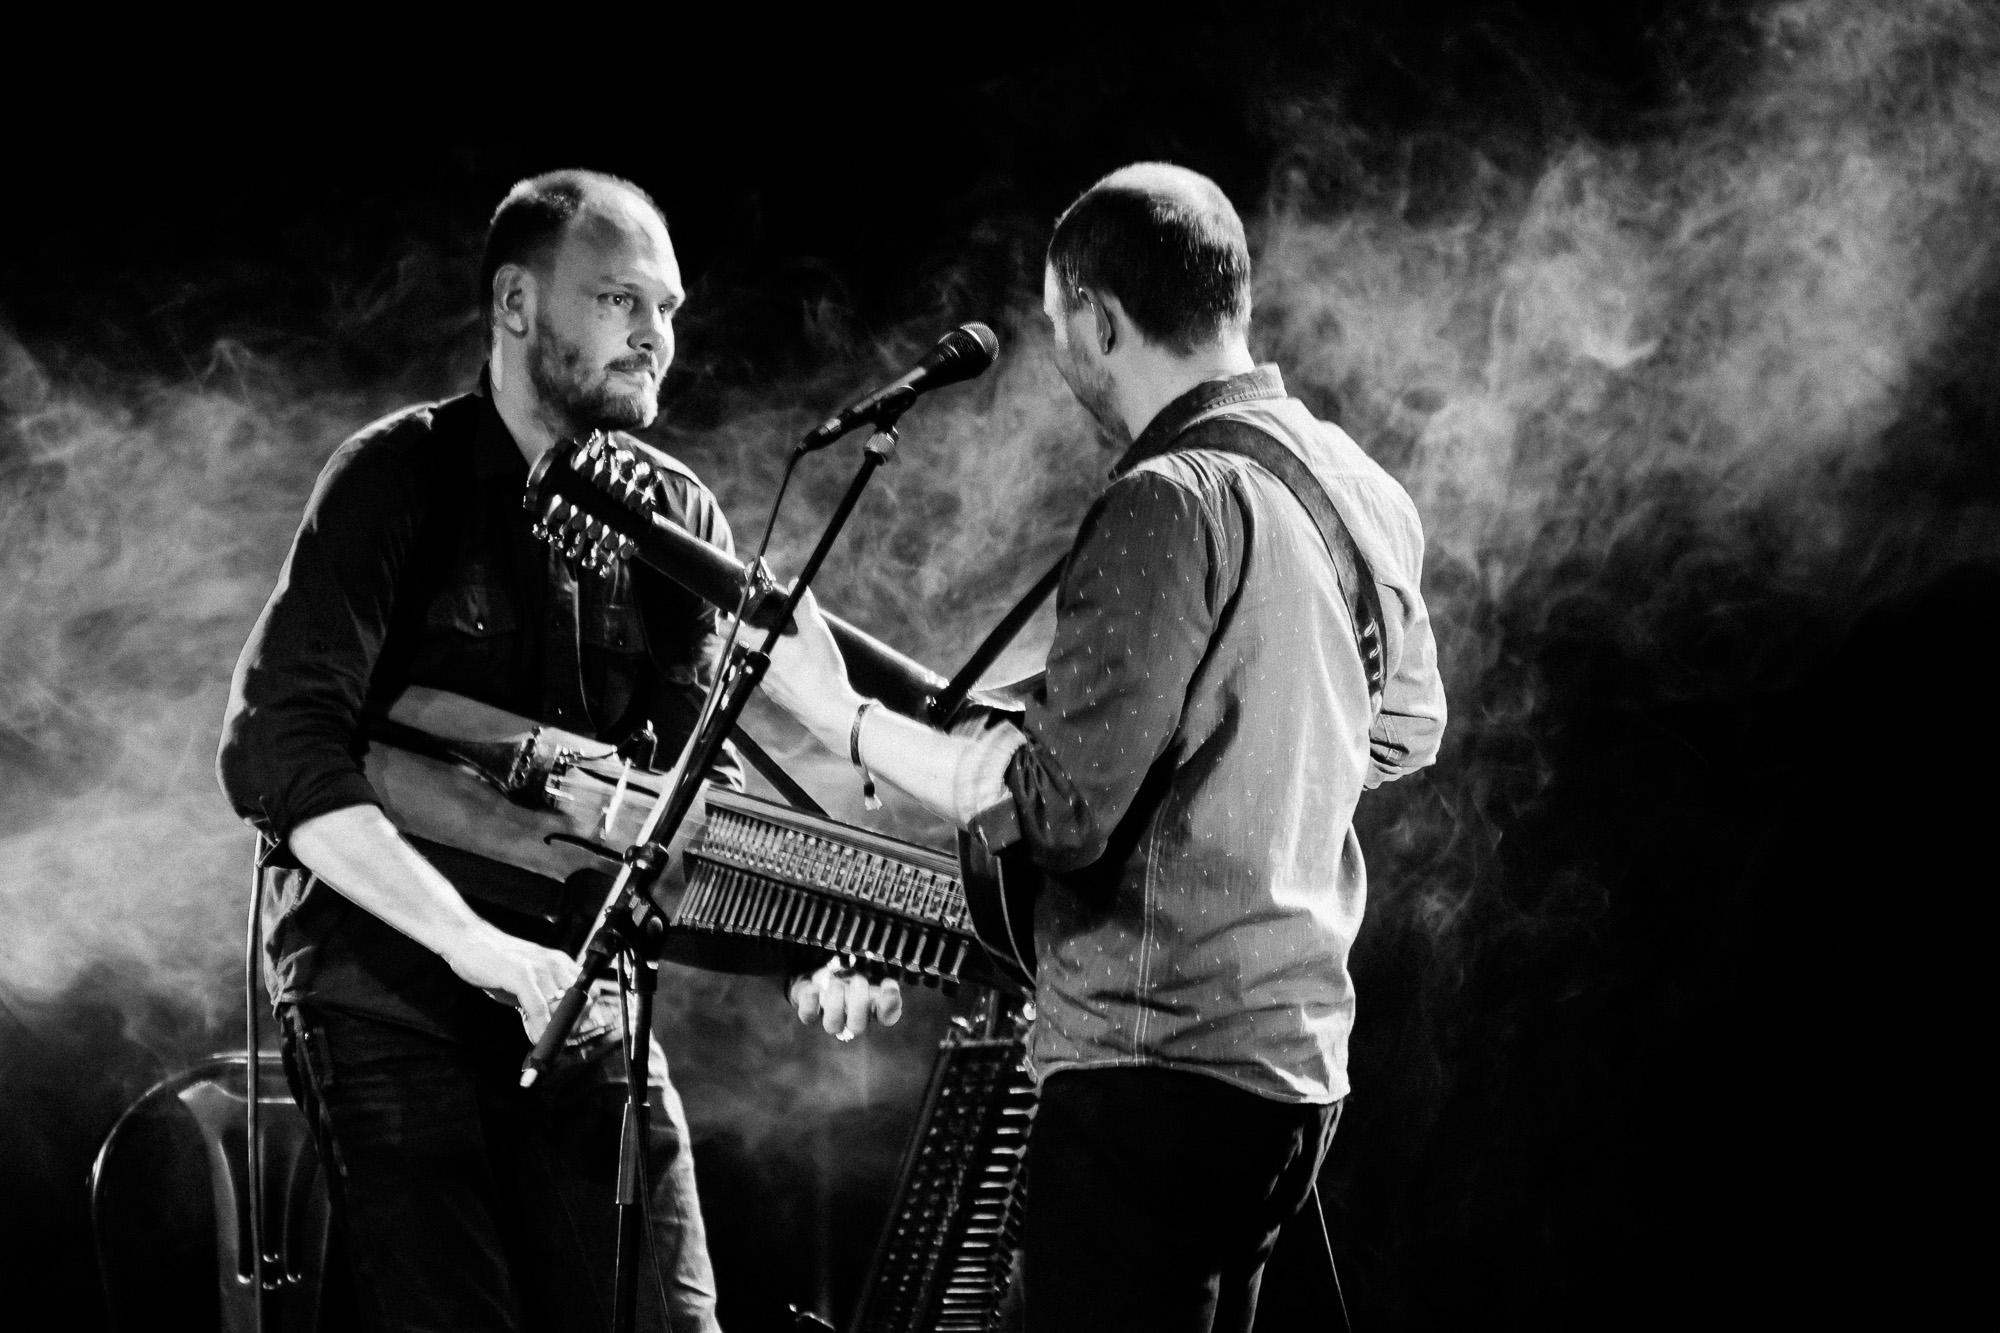 Johan Hedin og Esbjørn Hazelius kjem til Førde med heilt ny musikk i bagasjen. Foto: David Brohede